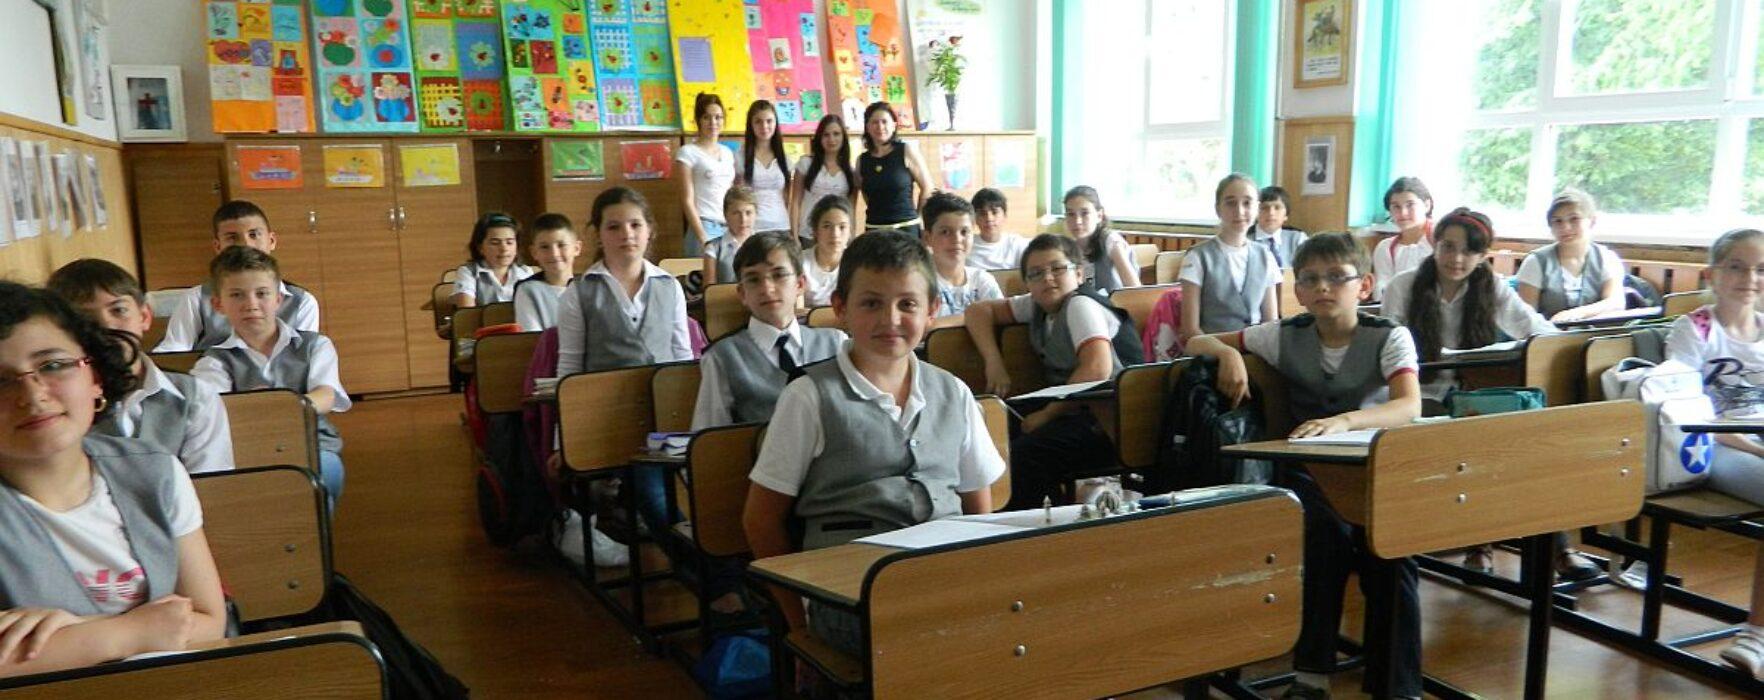 Dâmboviţa: De joi se reiau cursurile în toate şcolile din judeţ